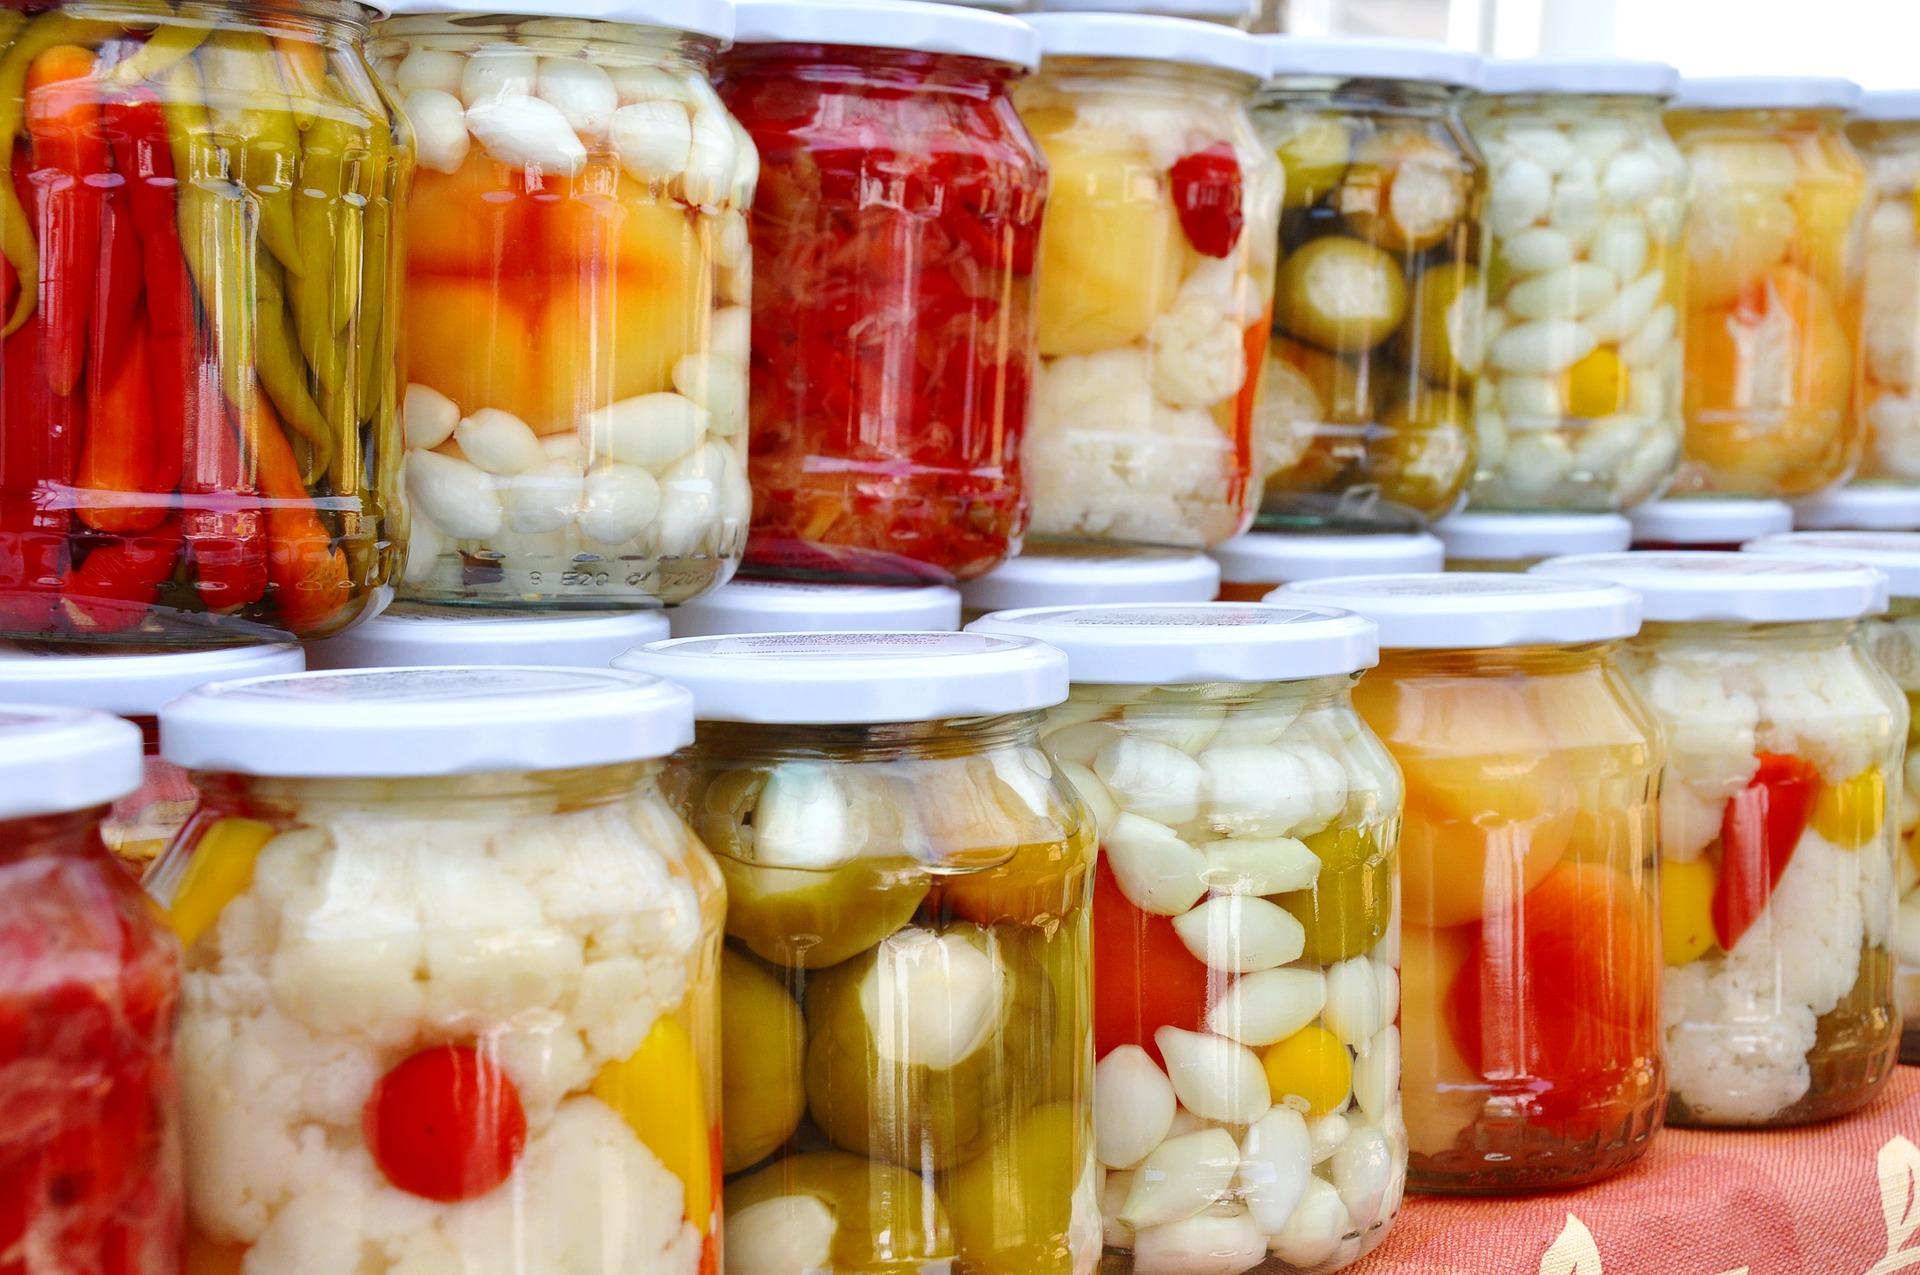 Ринок солінь. Які мариновані овочі обирають українці?